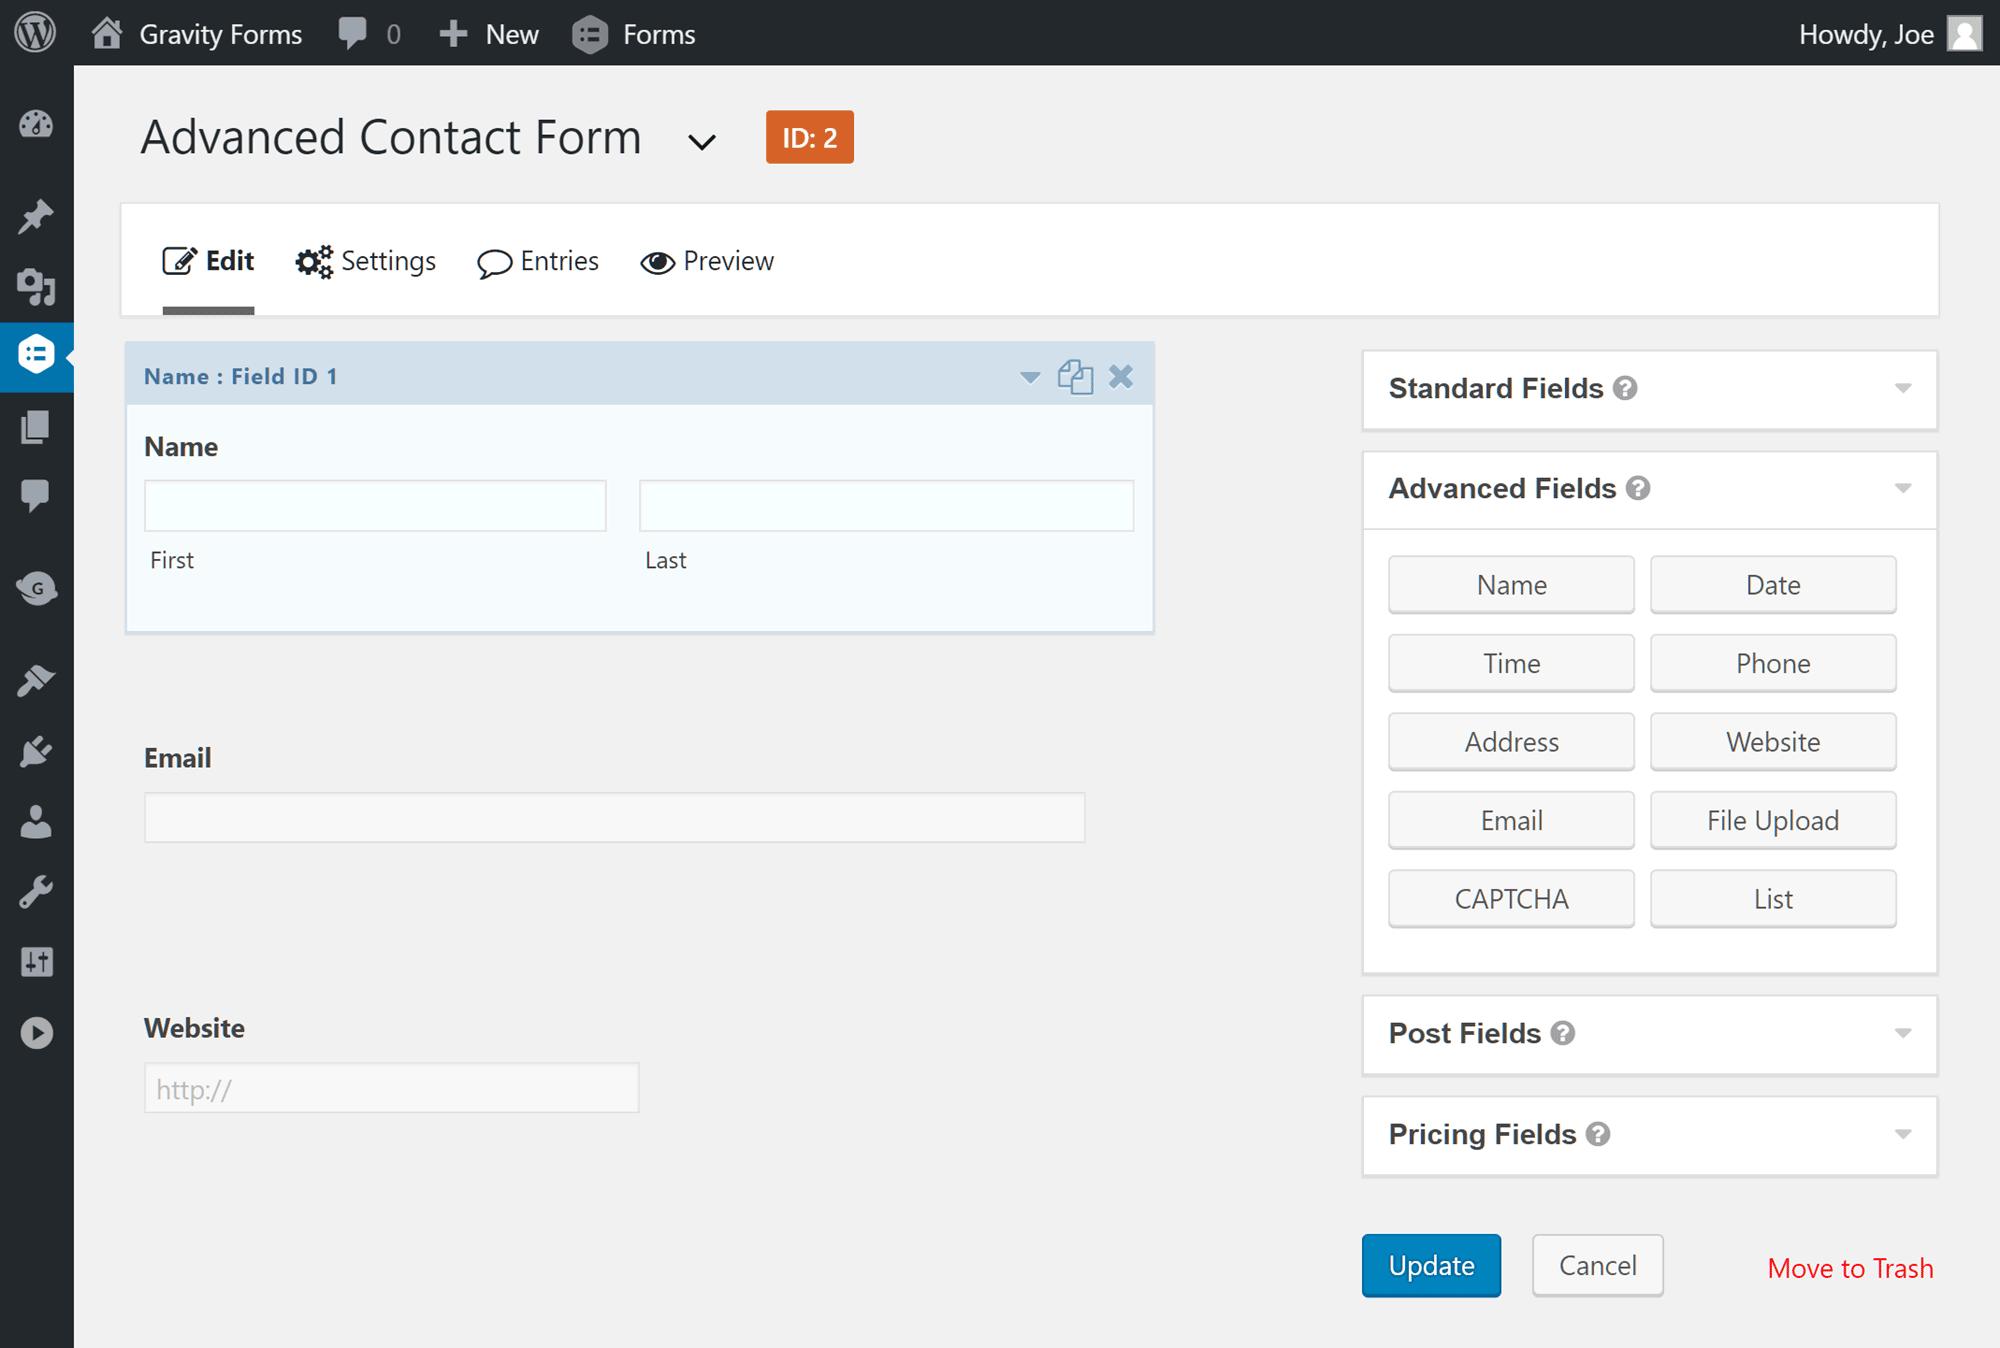 Agregar campos al formulario